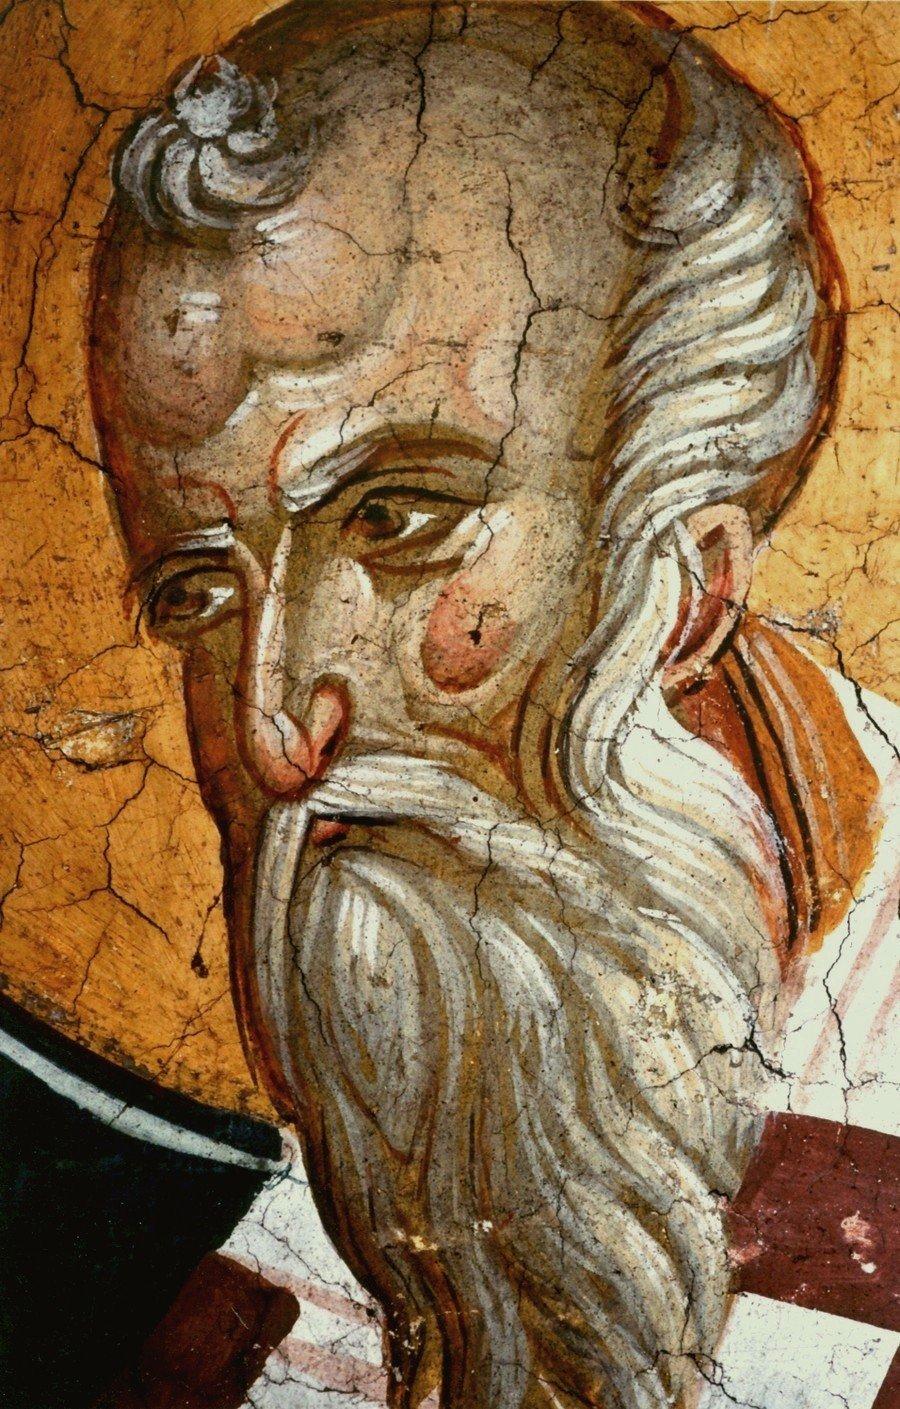 Священномученик Поликарп, Епископ Смирнский. Фреска монастыря Высокие Дечаны, Косово и Метохия, Сербия. До 1350 года.